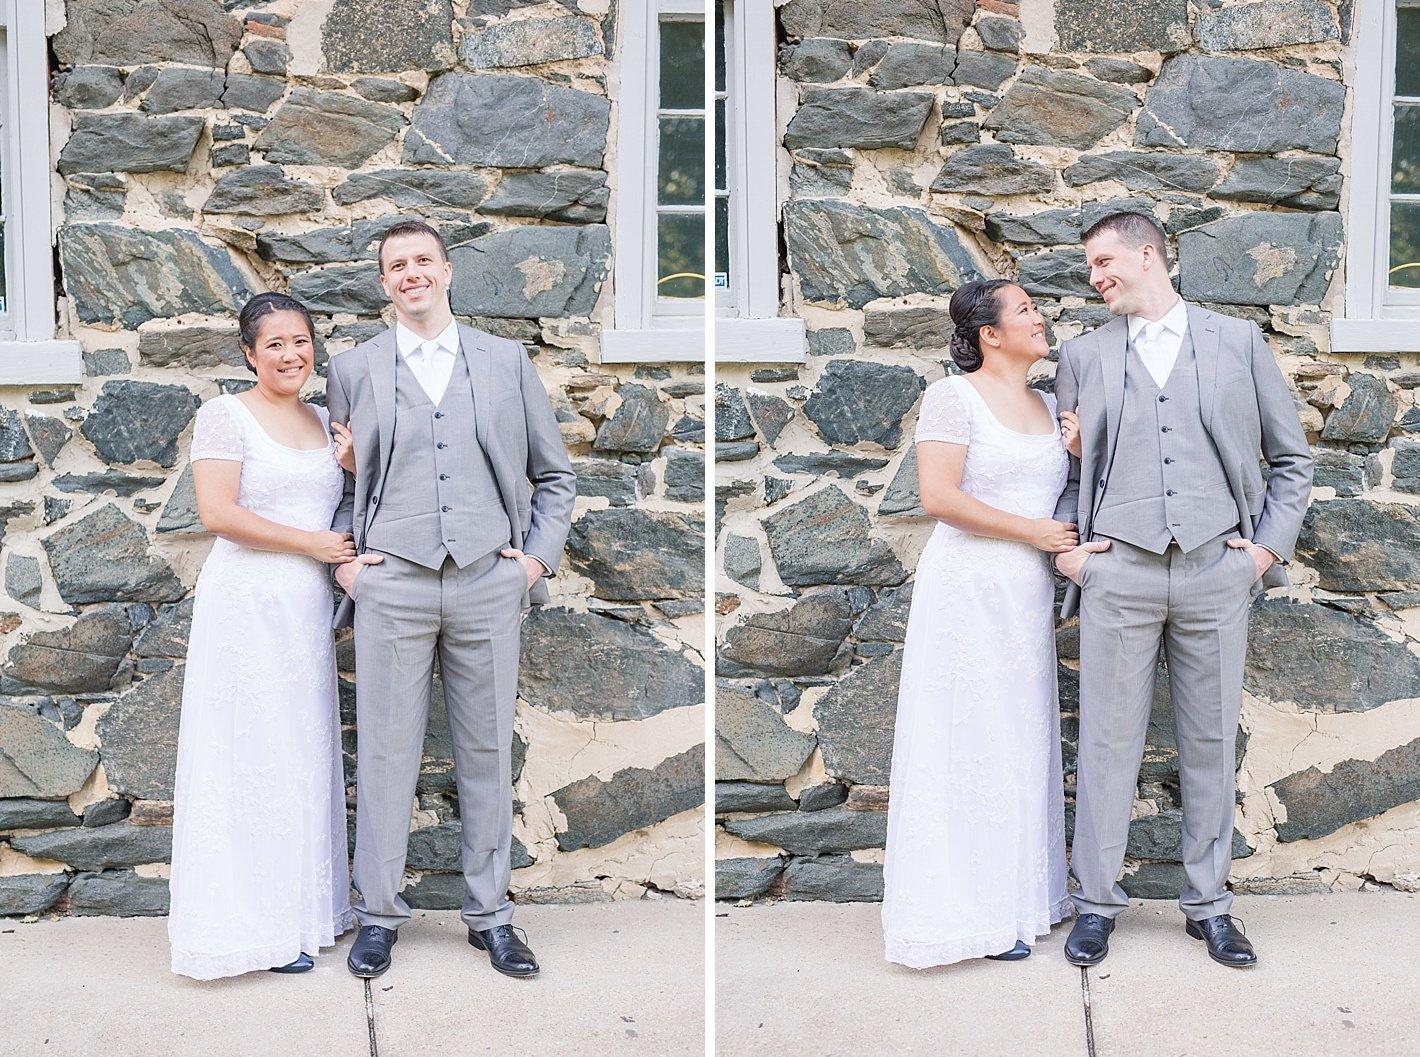 TheGreatRoomatSavageMillweddinghowardcountyweddingphotography-107